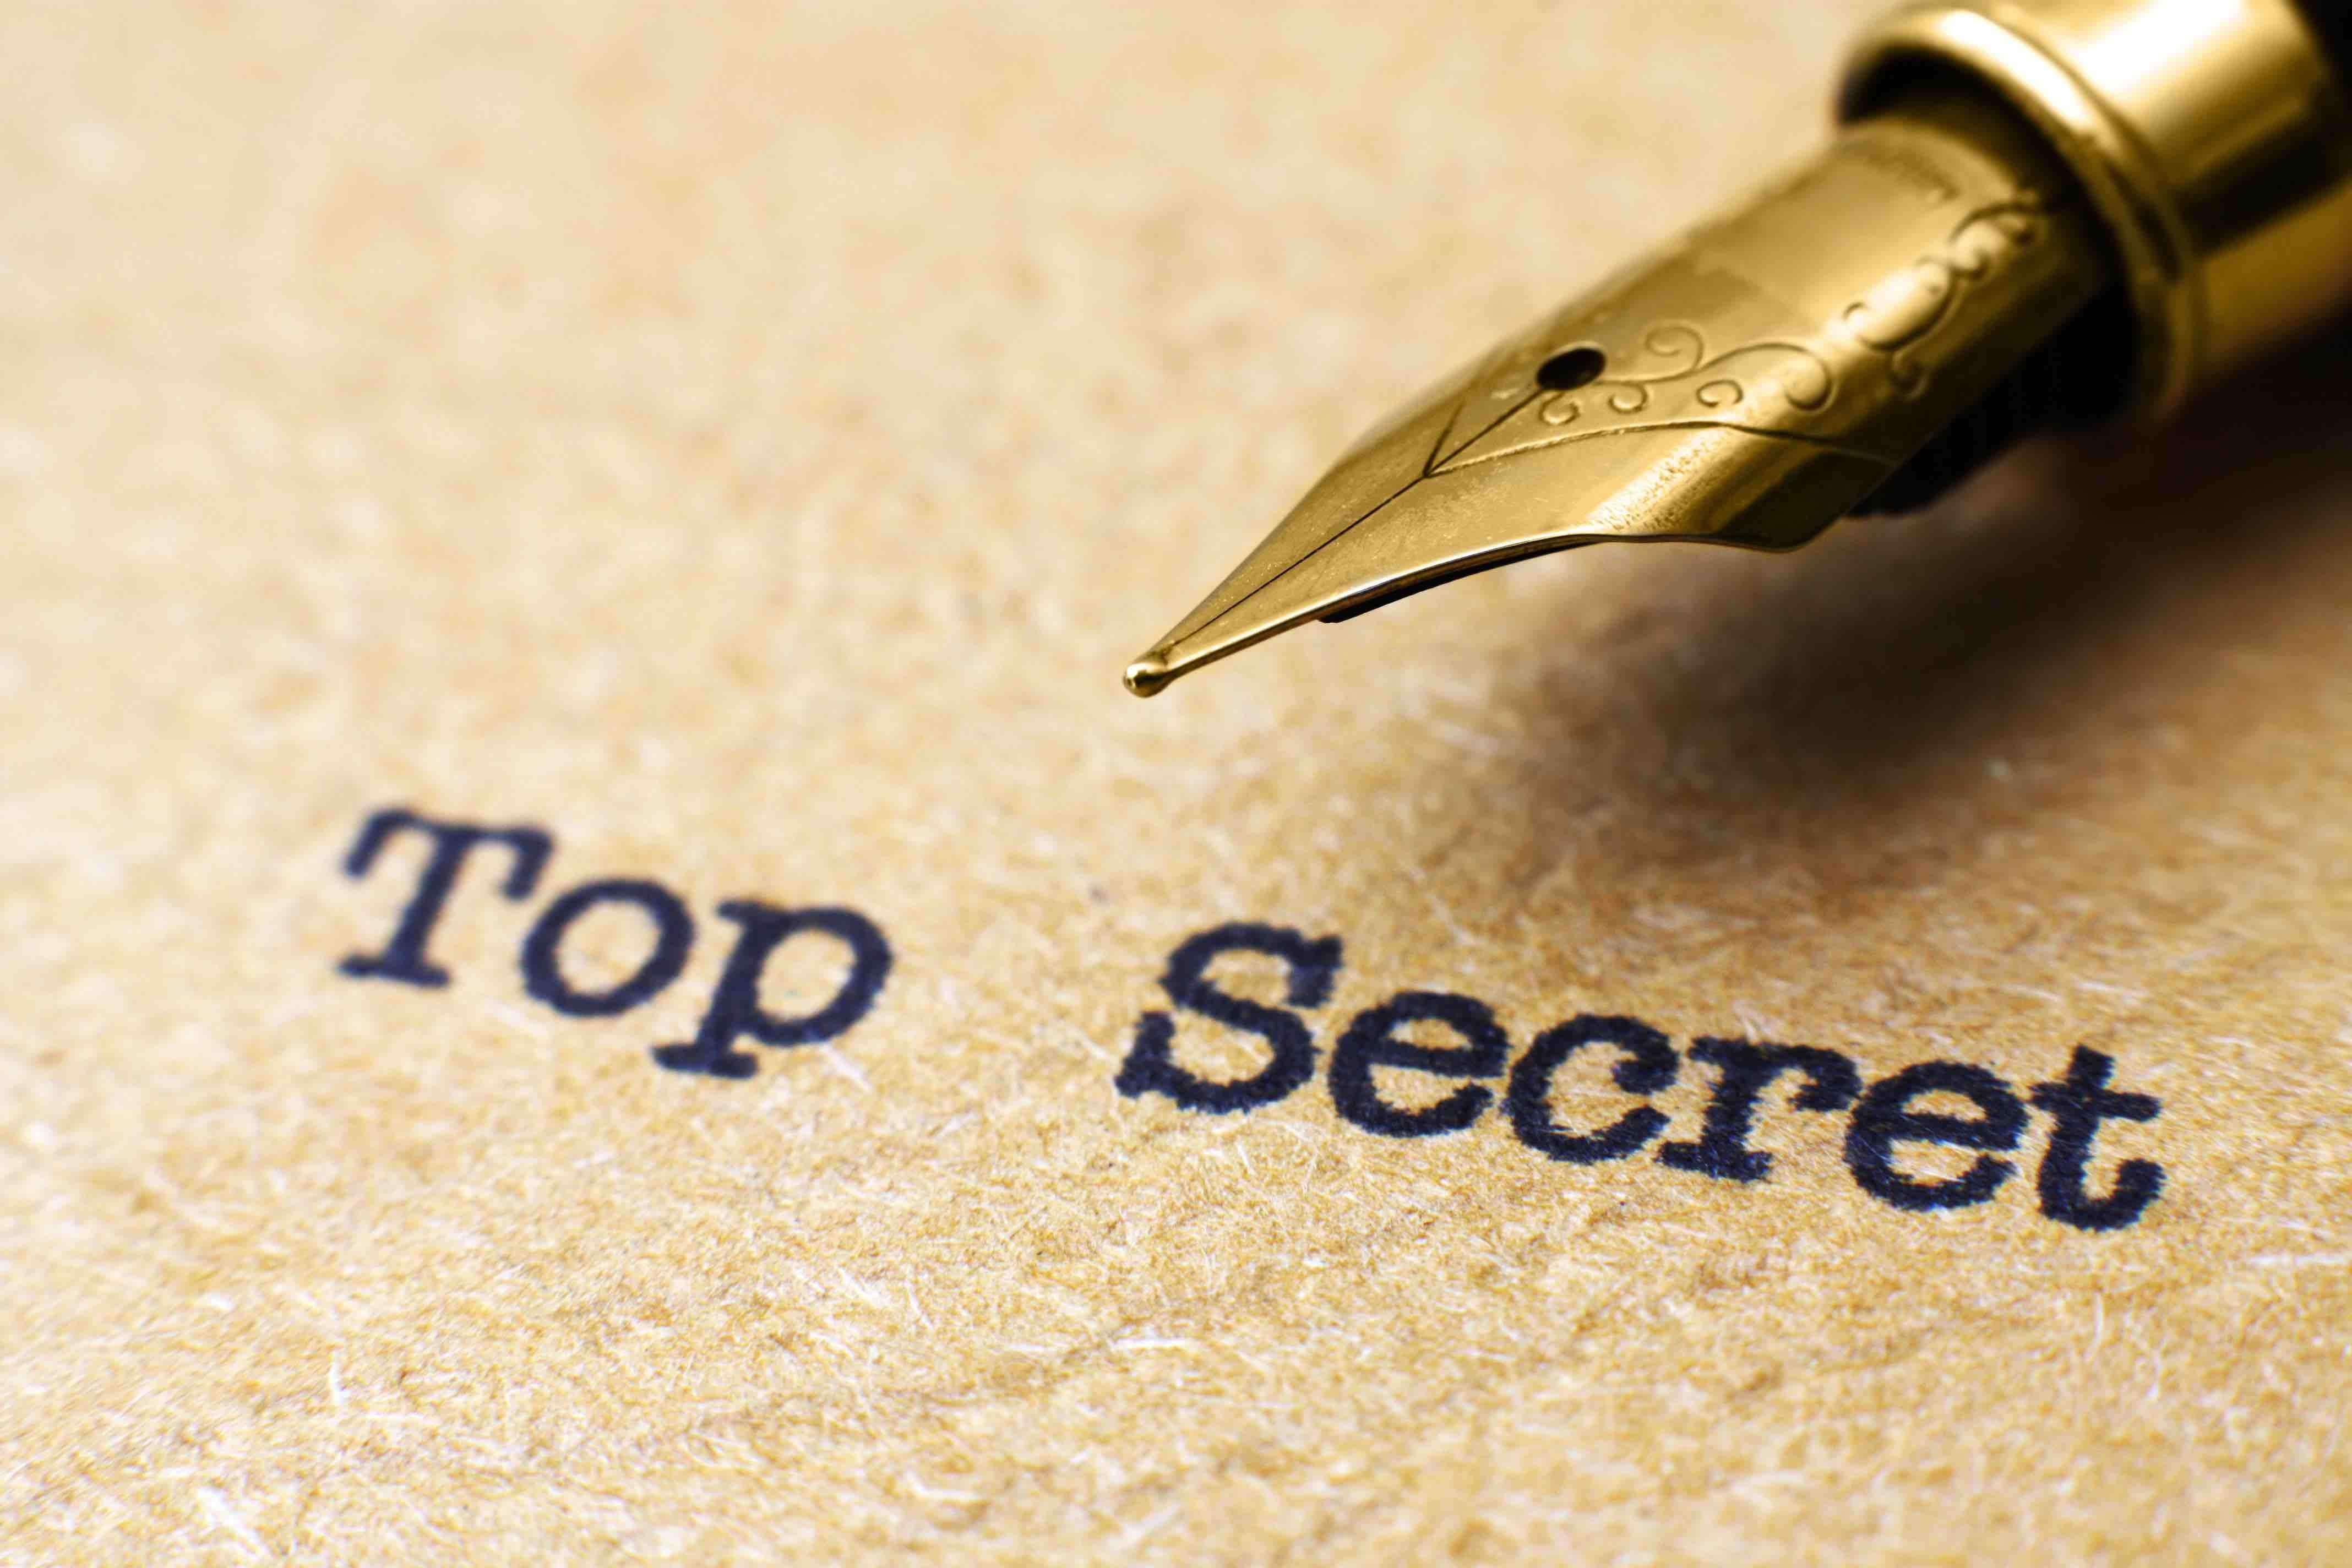 Rimedi naturali: l'informazione Top Secret che devi sapere per difenderti dalla marea di prodotti inutili e succhia-soldi che affollano il mercato